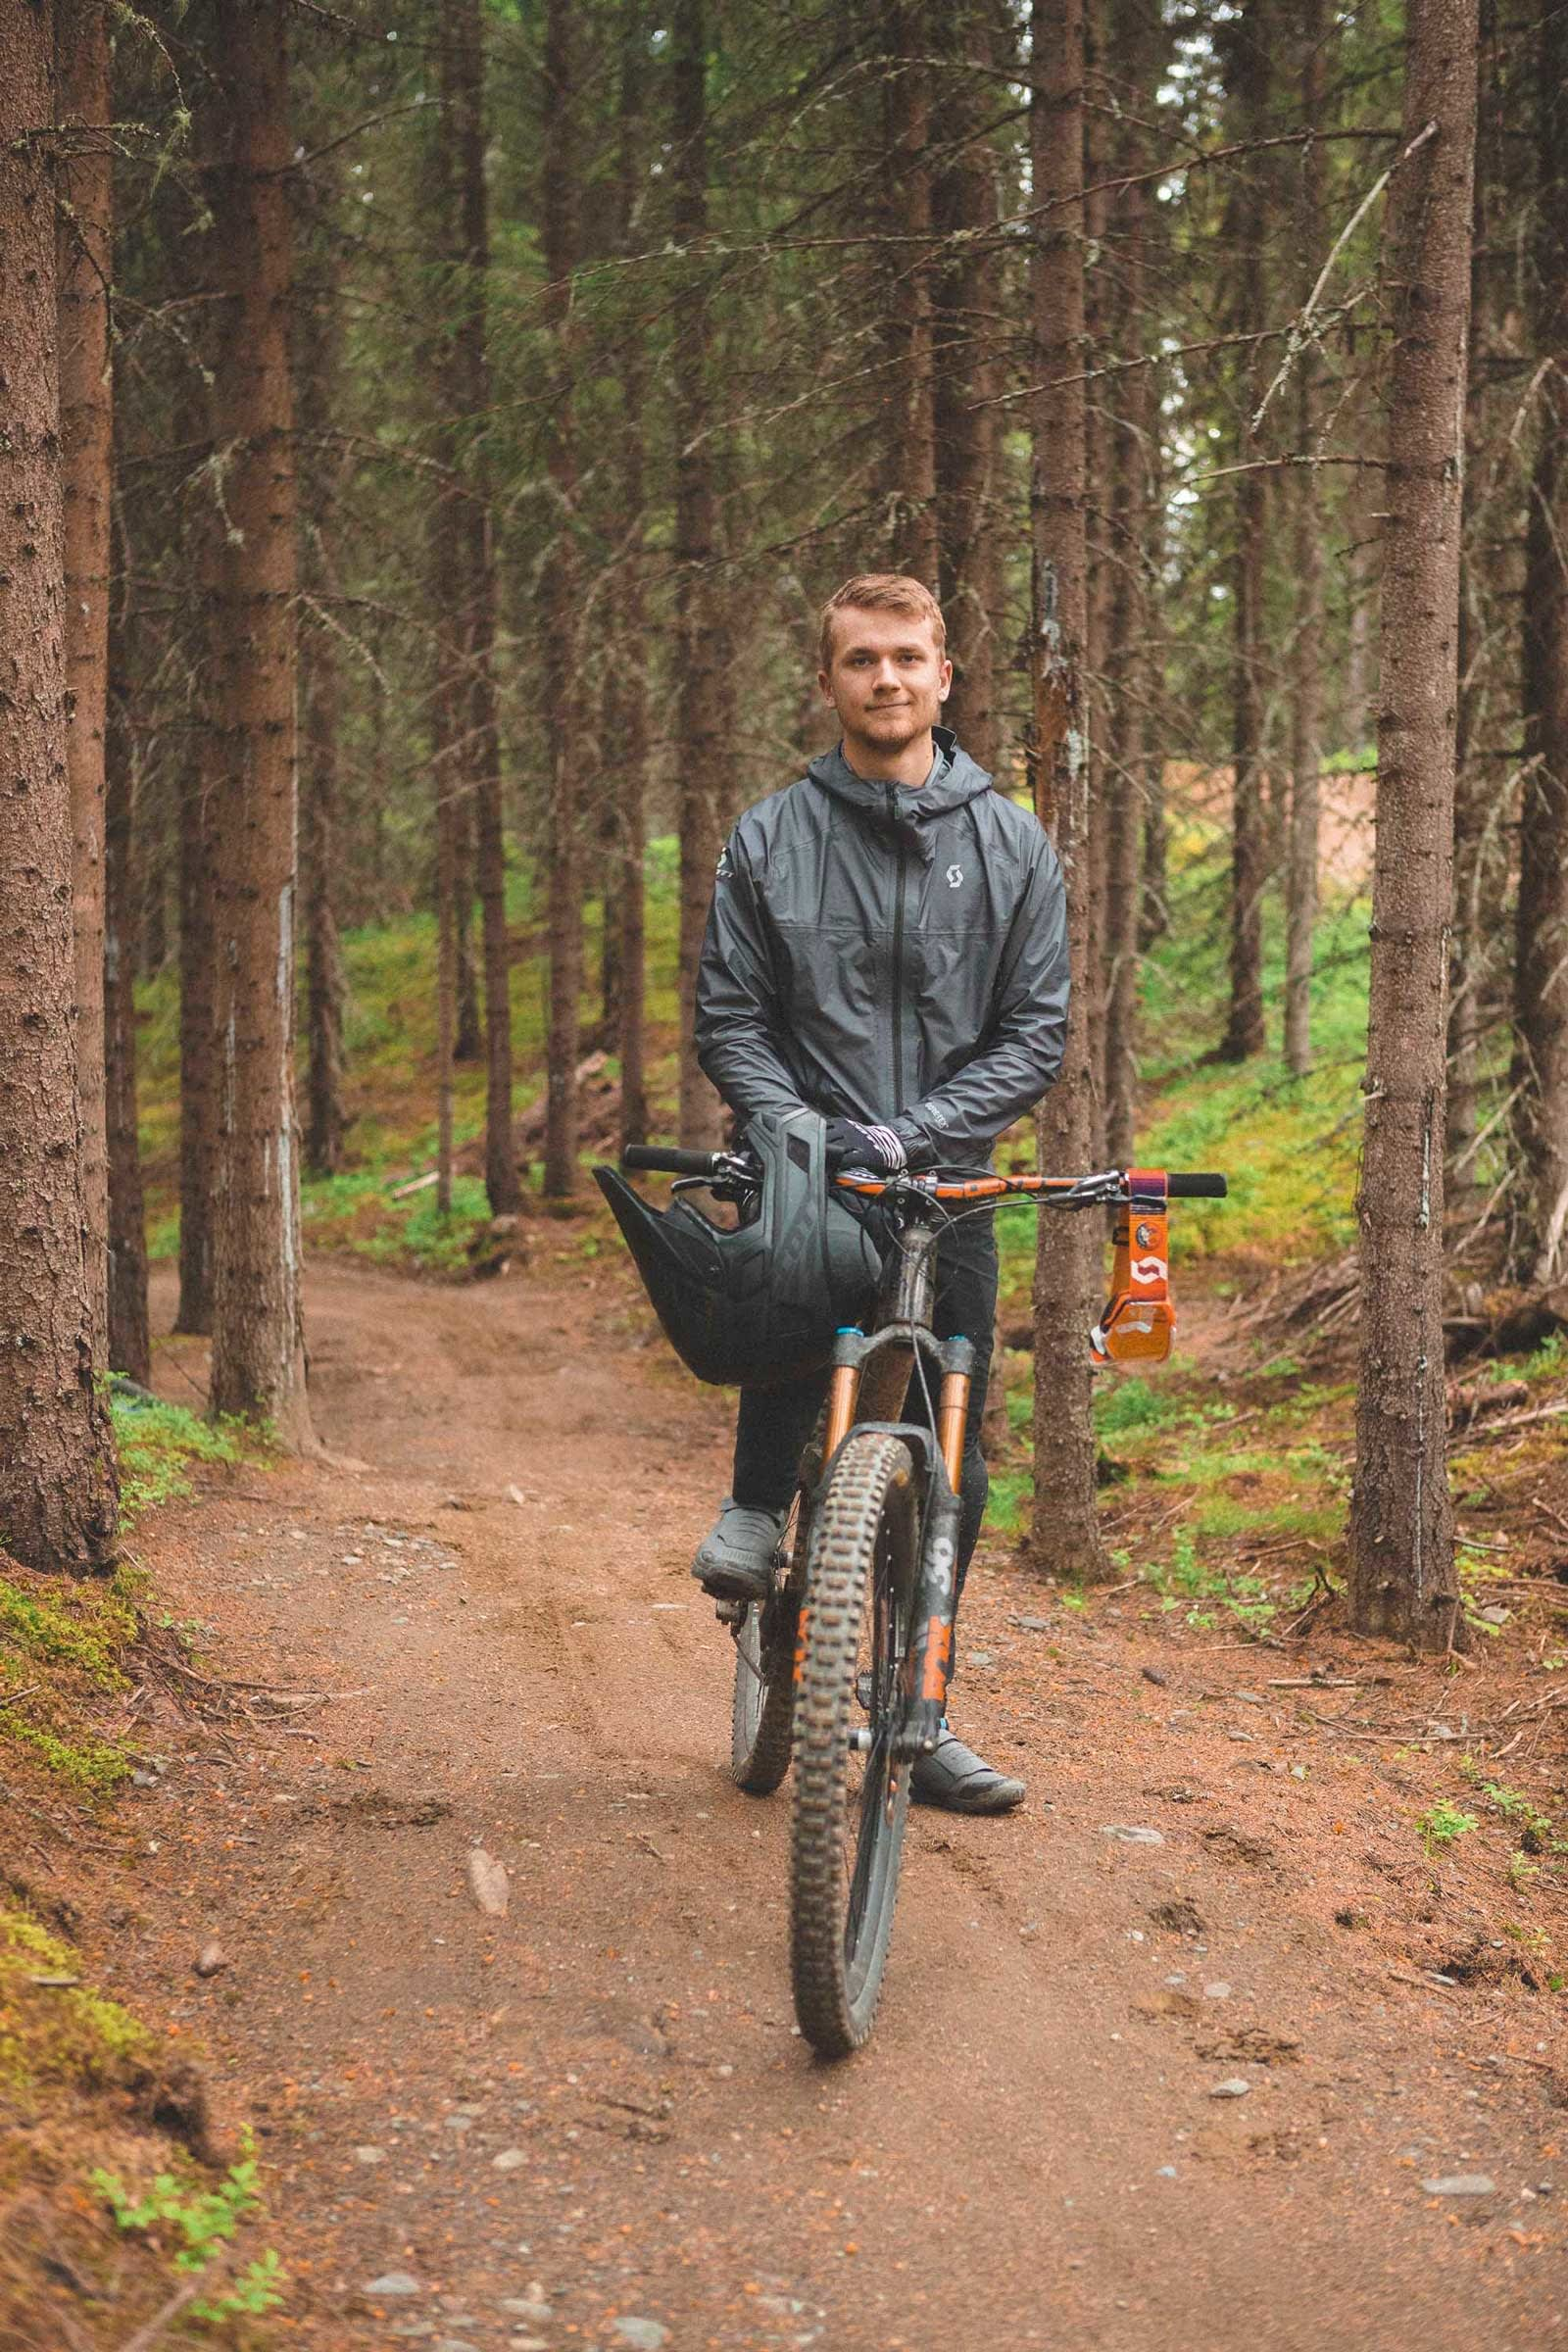 UTFORSYKLISTEN: Det kryr ikke av anlegg hvor utforsyklister kan trene. Simen Smestad setter stor pris på tilbudet i Hafjell Bike Park.